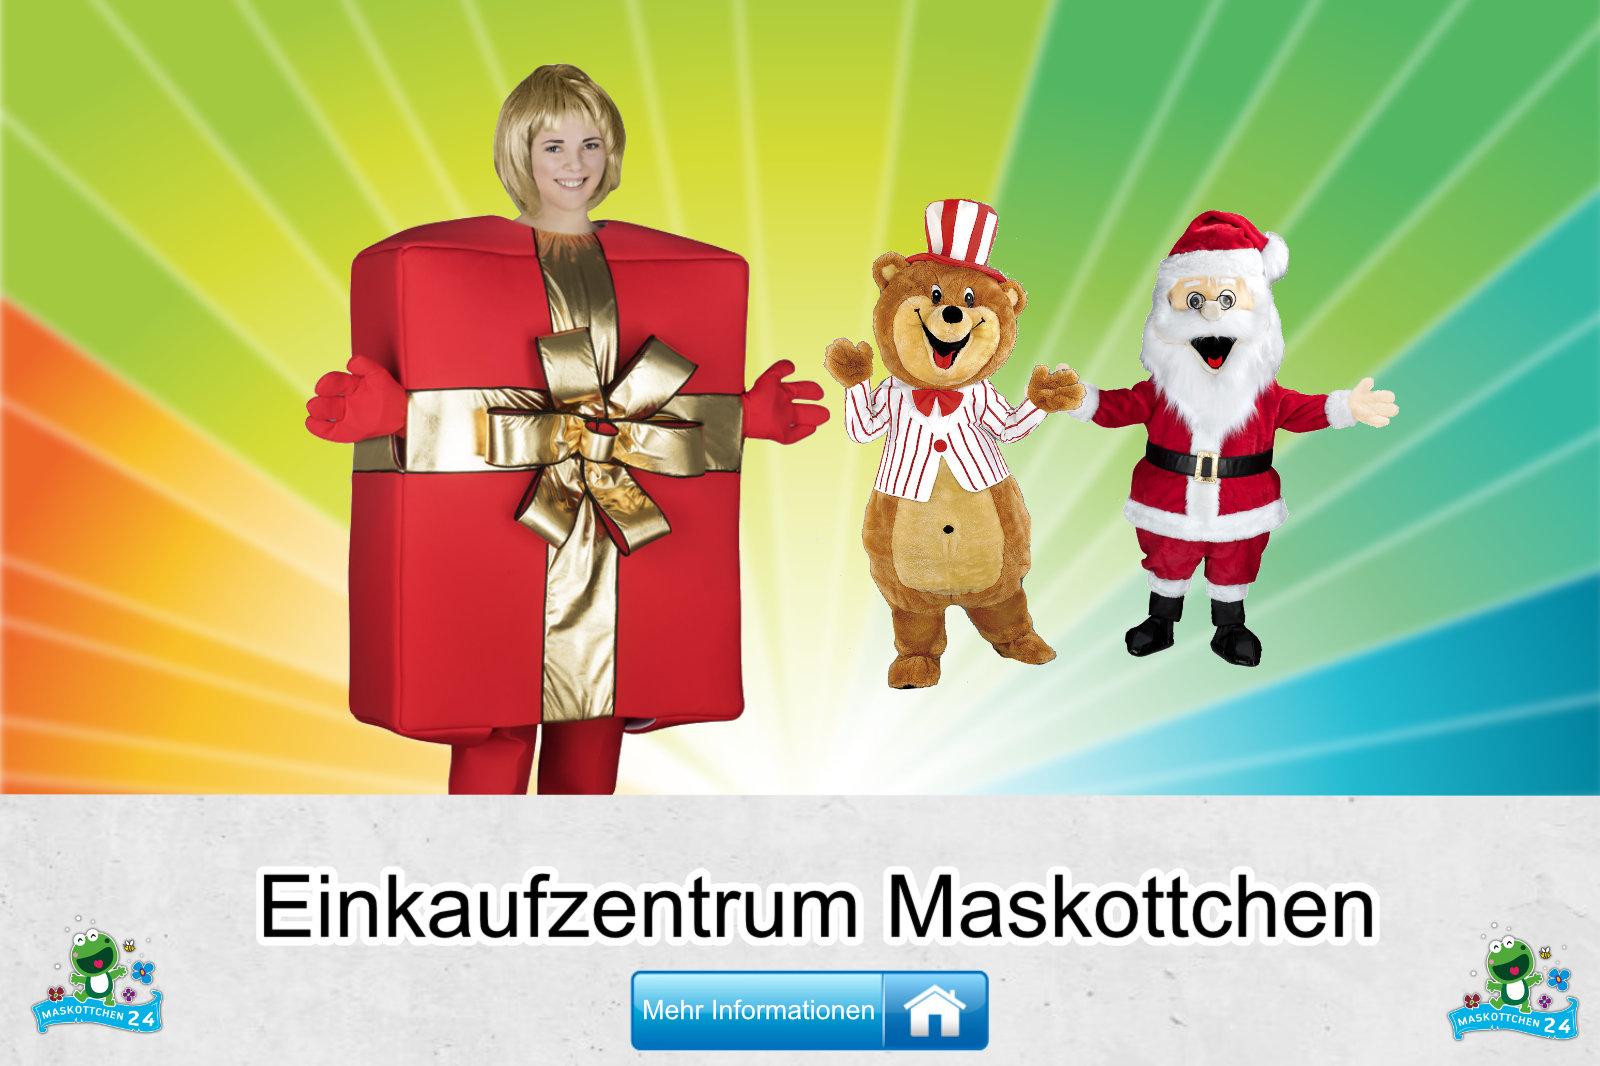 Einkaufszentrum Maskottchen Verein Karneval Produktion günstig kaufen